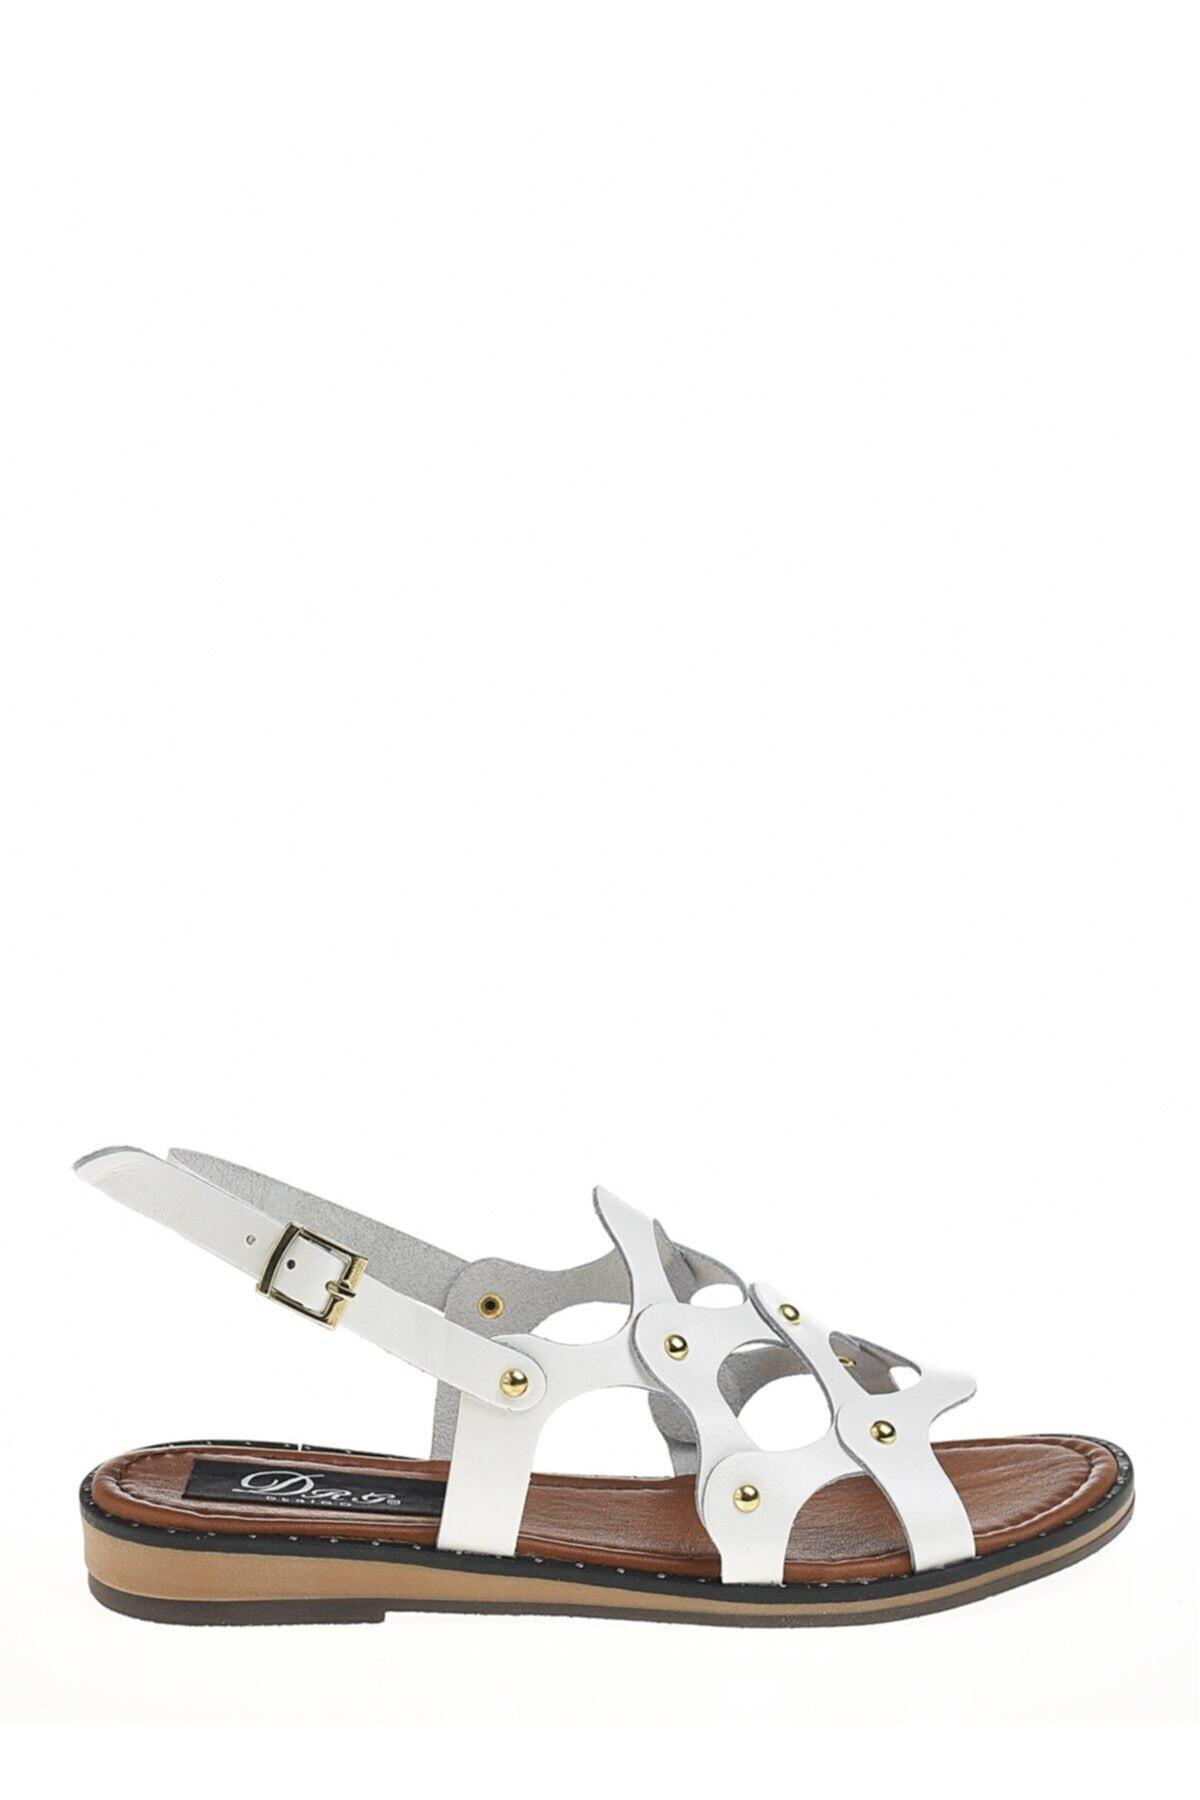 Derigo Beyaz Kadın Sandalet 521228 2